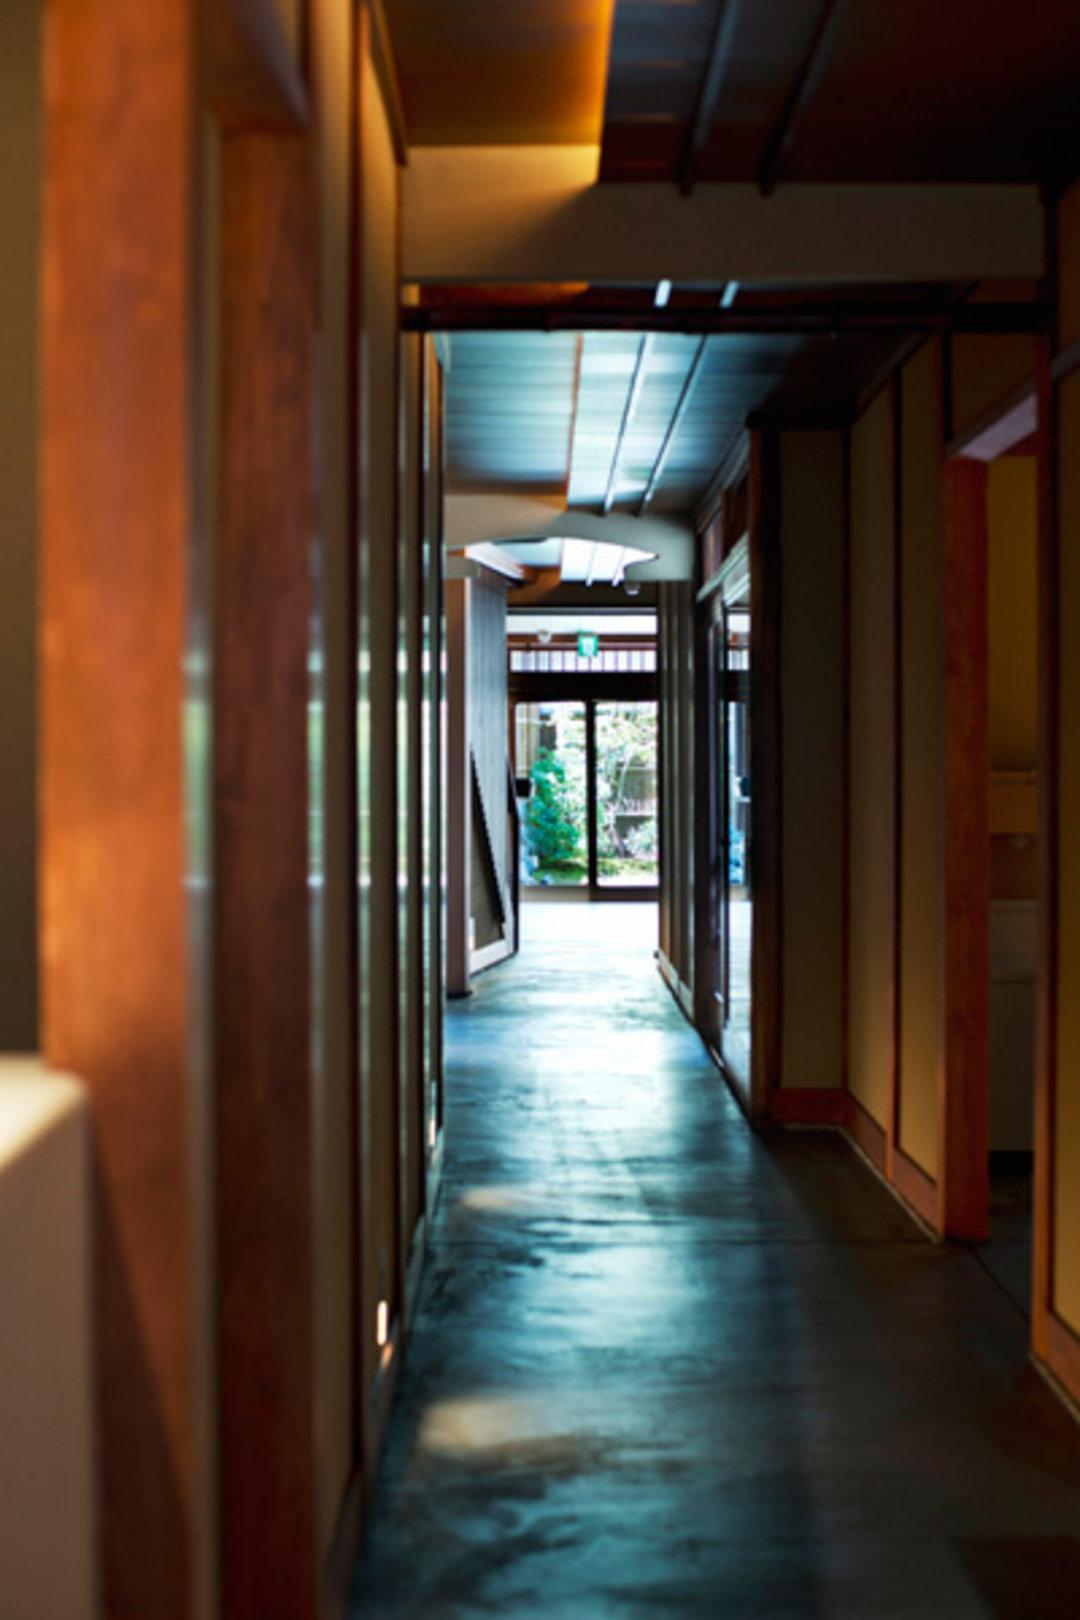 京都星巴克改造日式老宅,你能坐在榻榻米上喝咖啡_设计_好奇心日报